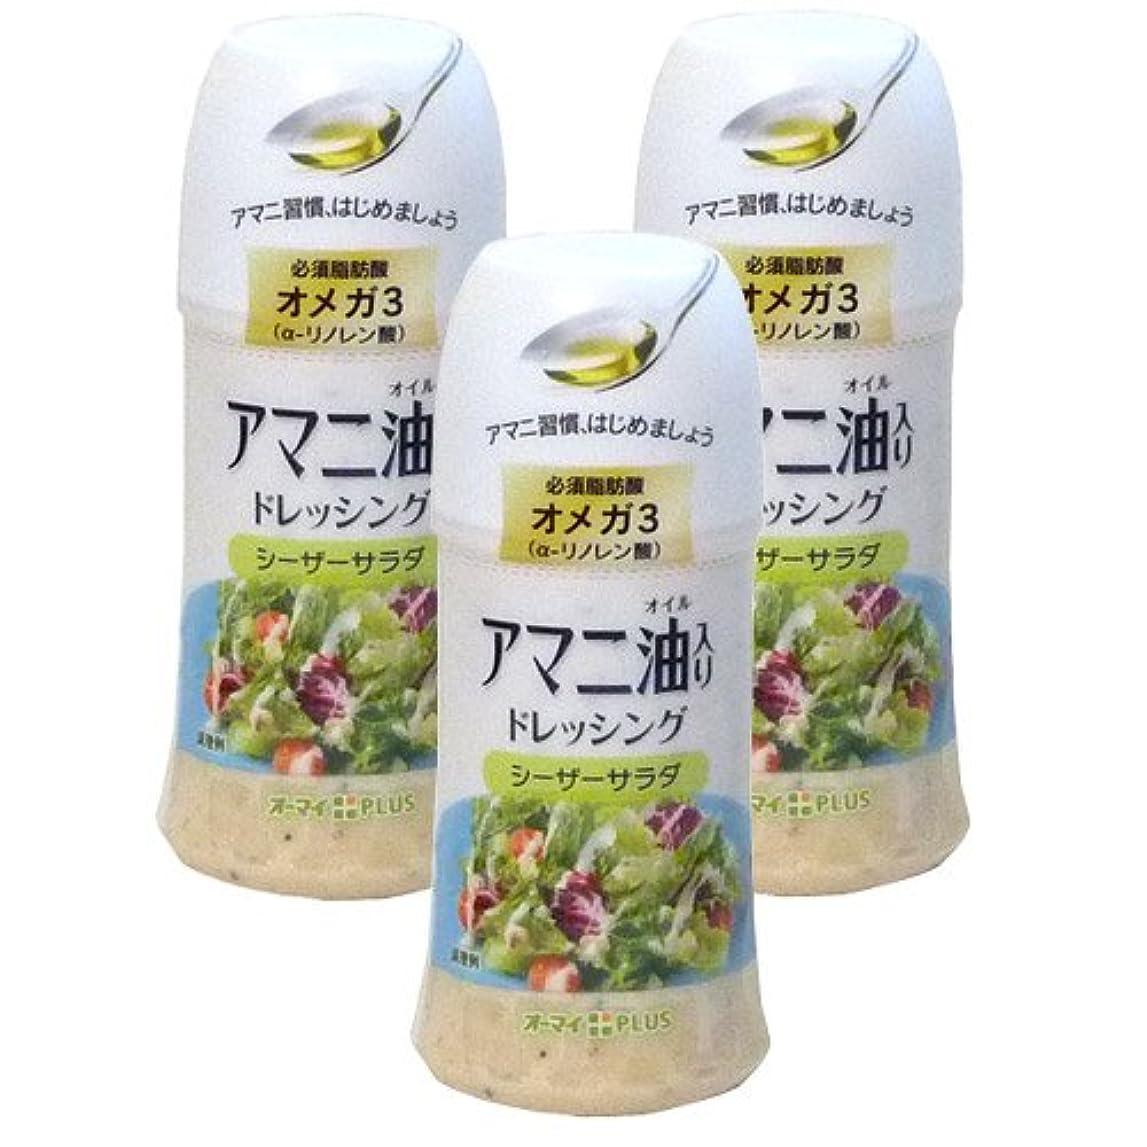 仮称メジャーダースアマニ油入り ドレッシング シーザーサラダ【3セット】